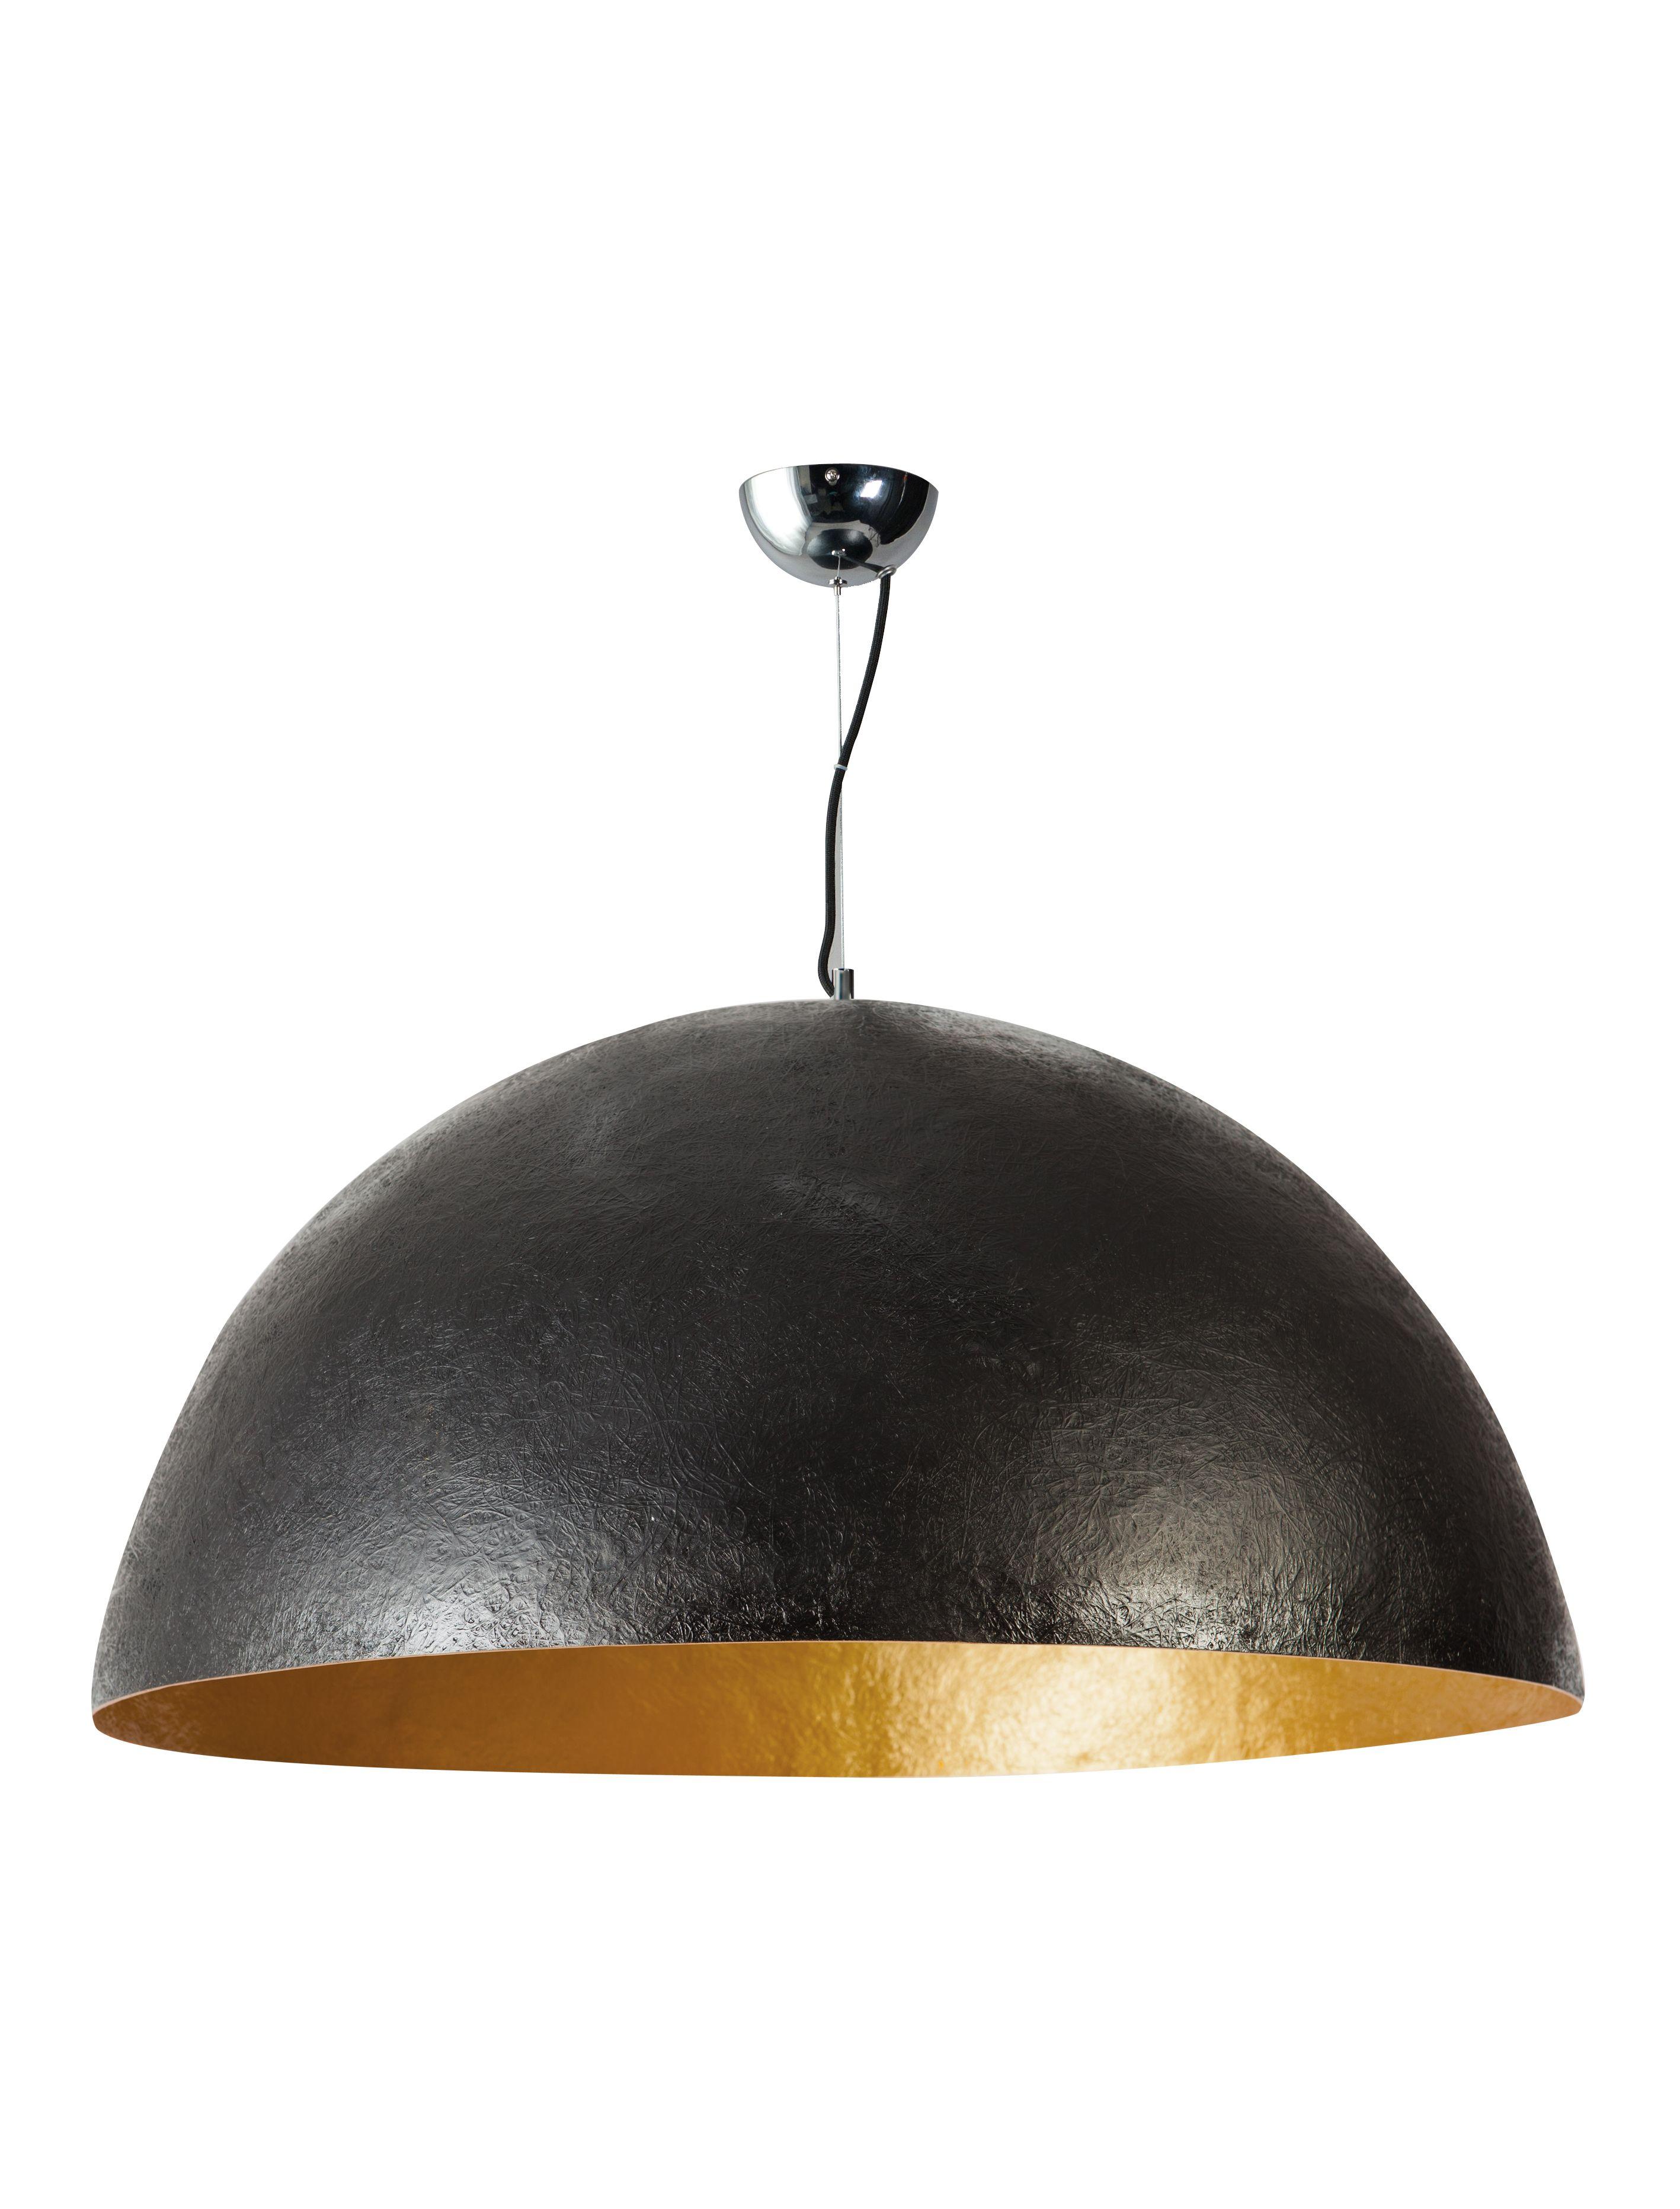 Hanglamp Mezzo Tondo